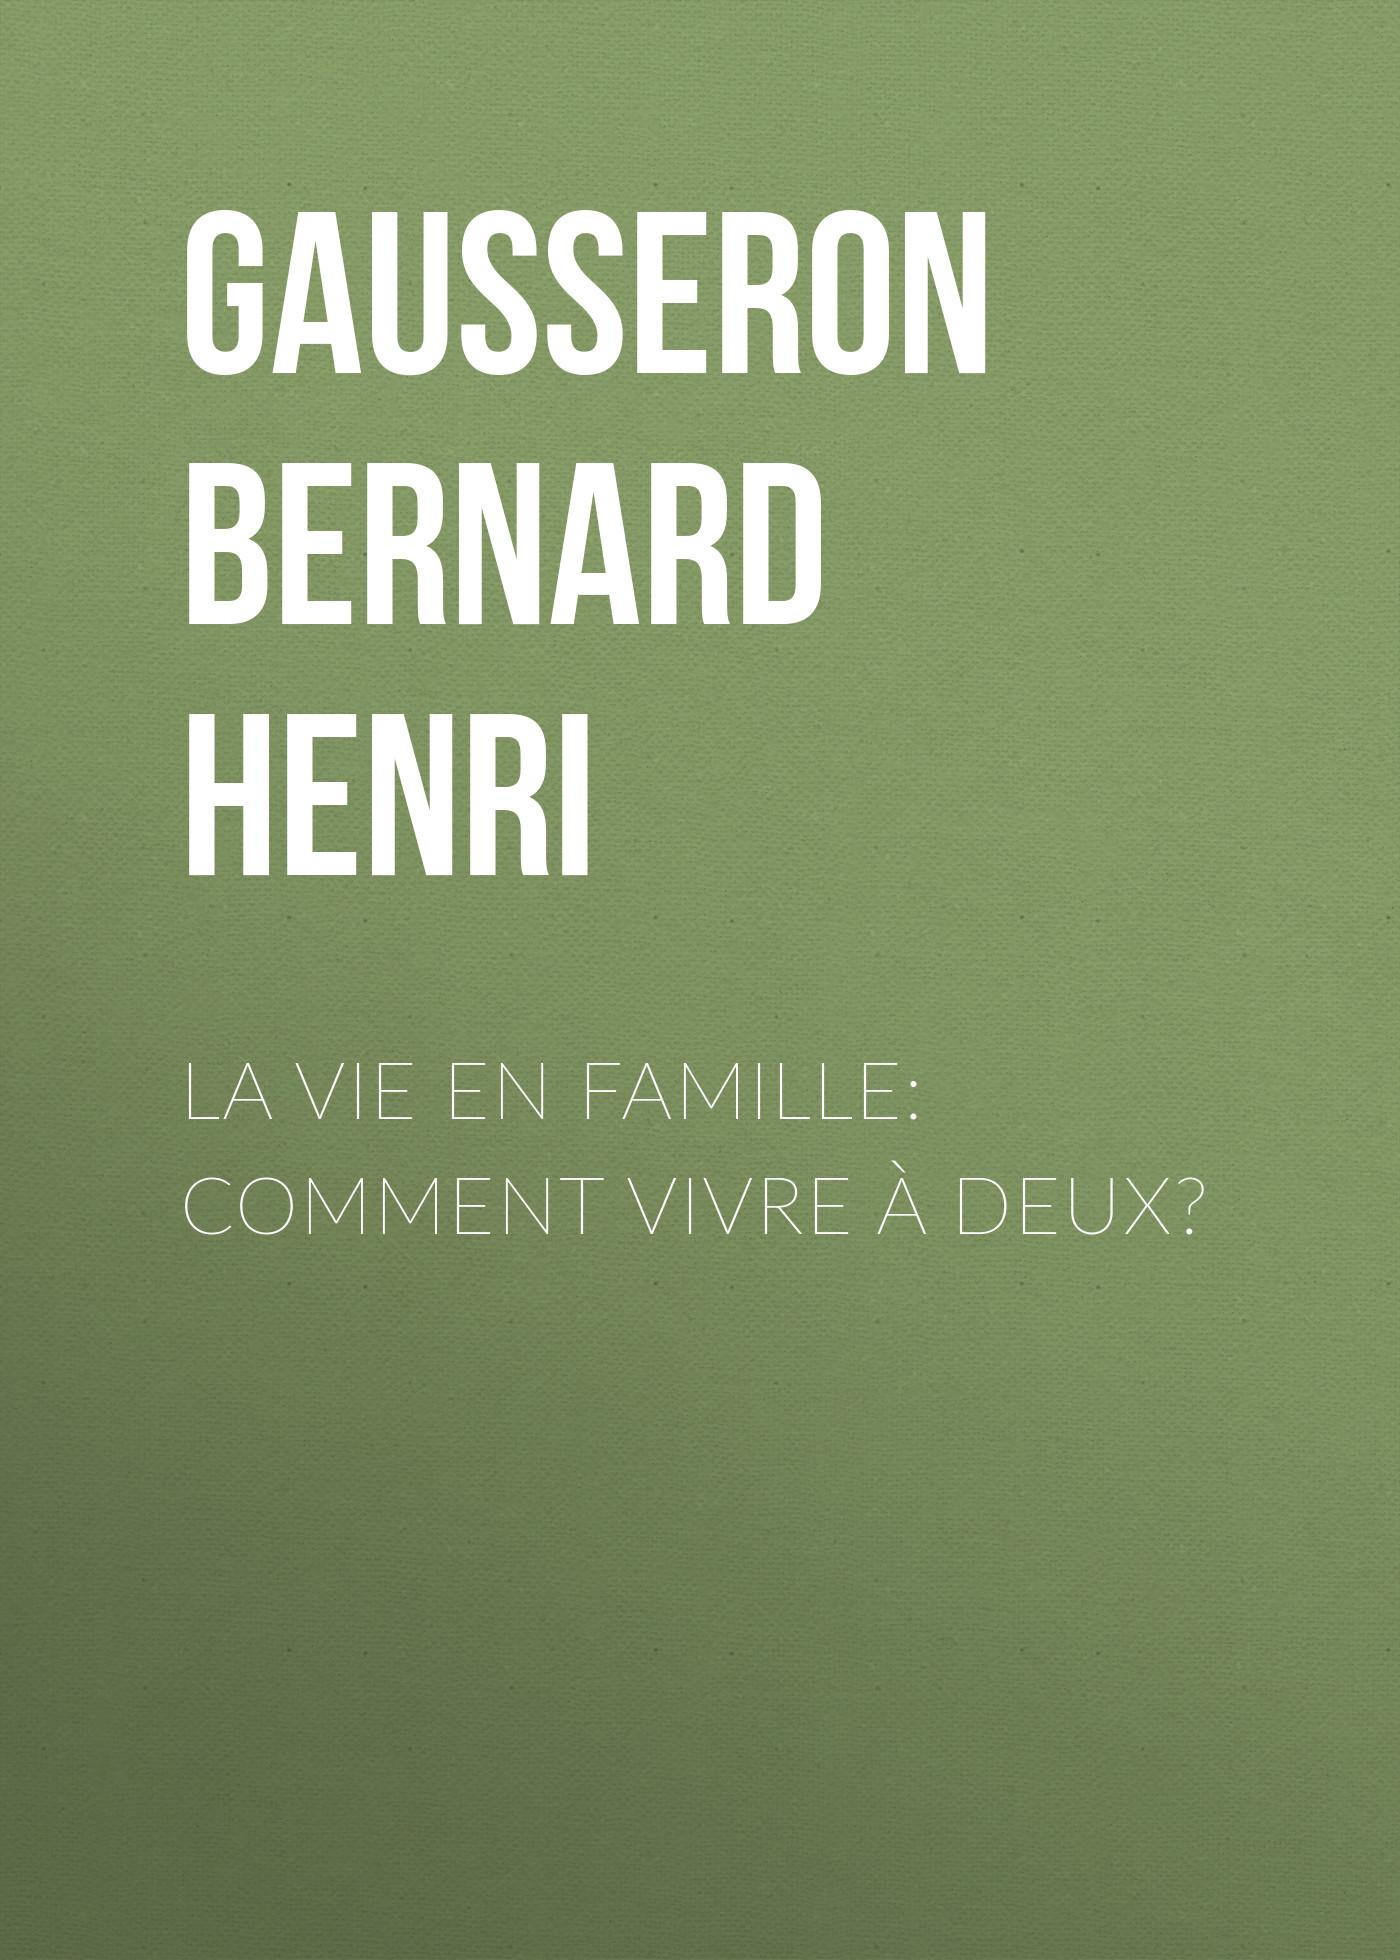 Gausseron Bernard Henri La Vie en Famille: Comment Vivre à Deux? цены